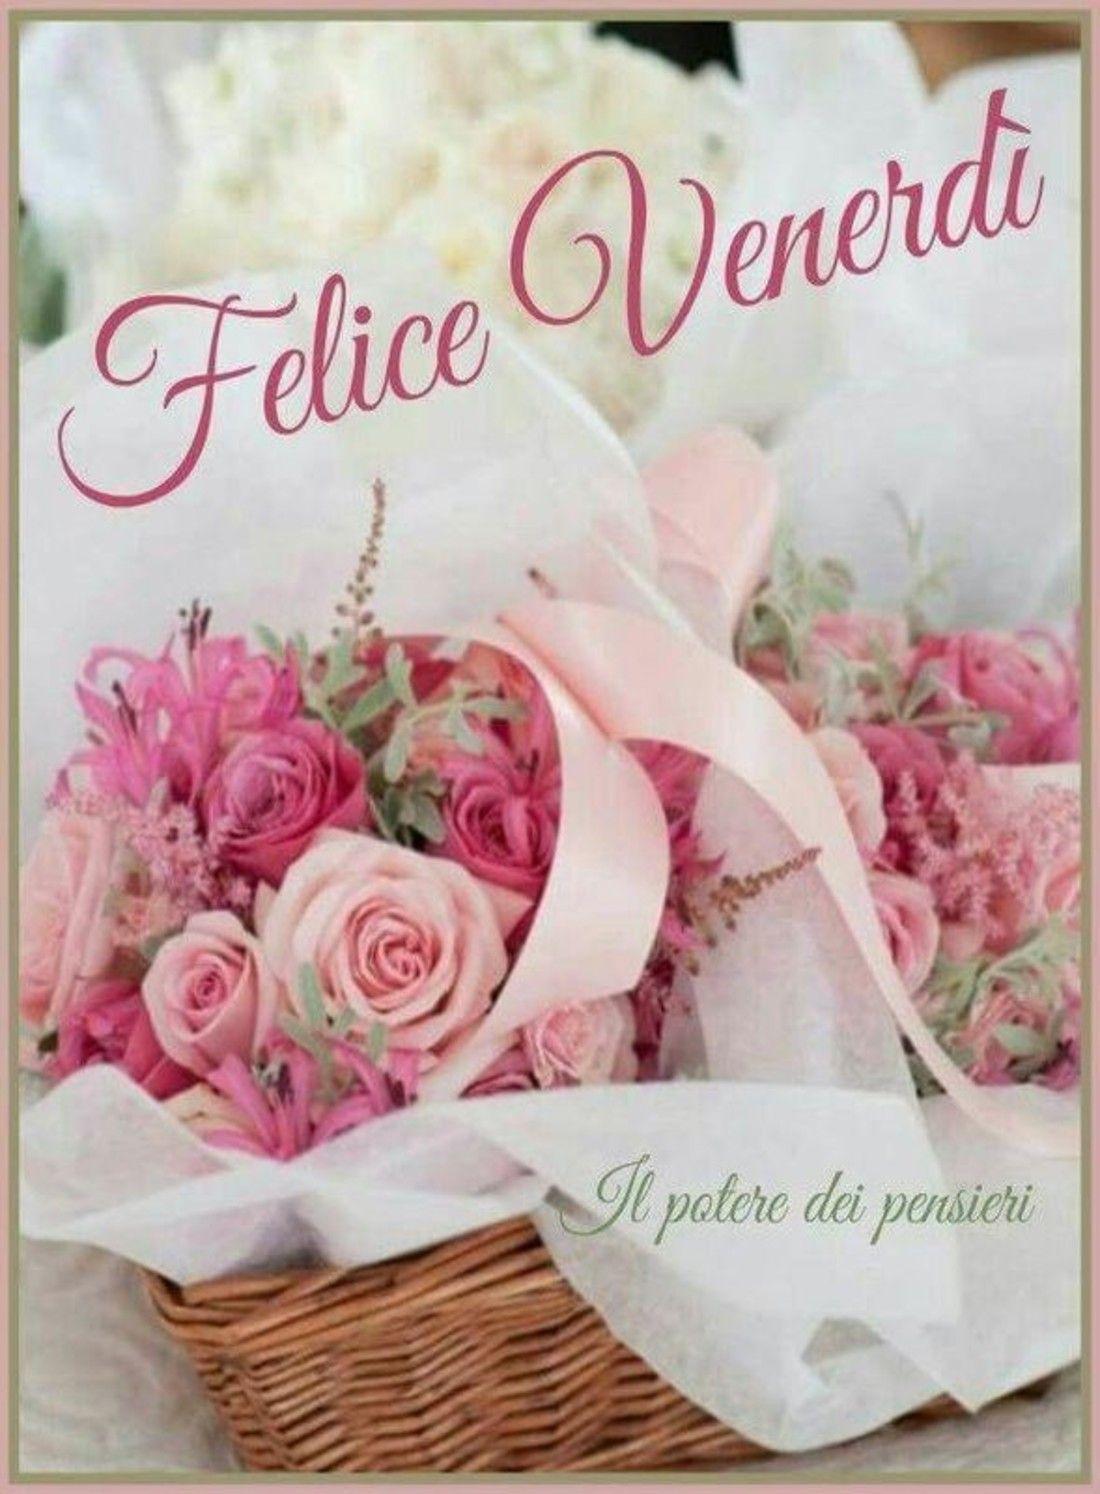 Con Fiori.Immagini Buon Venerdi Con I Fiori Buongiorno Venerdi Venerdi